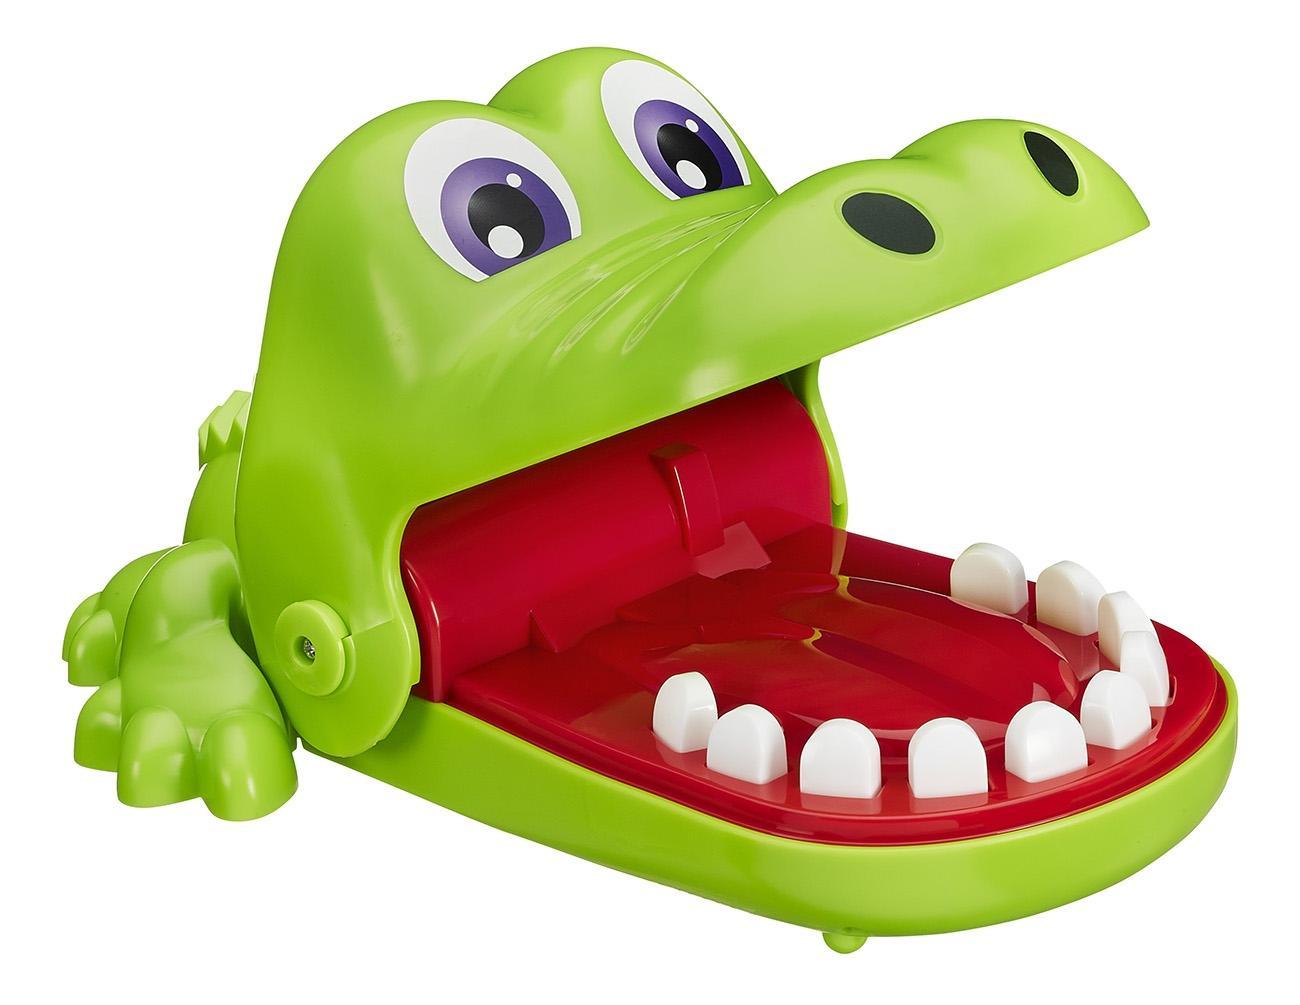 Купить Крокодильчик Дантист, Семейная настольная игра крокодильчик дантист b0408, Hasbro Games, Семейные настольные игры